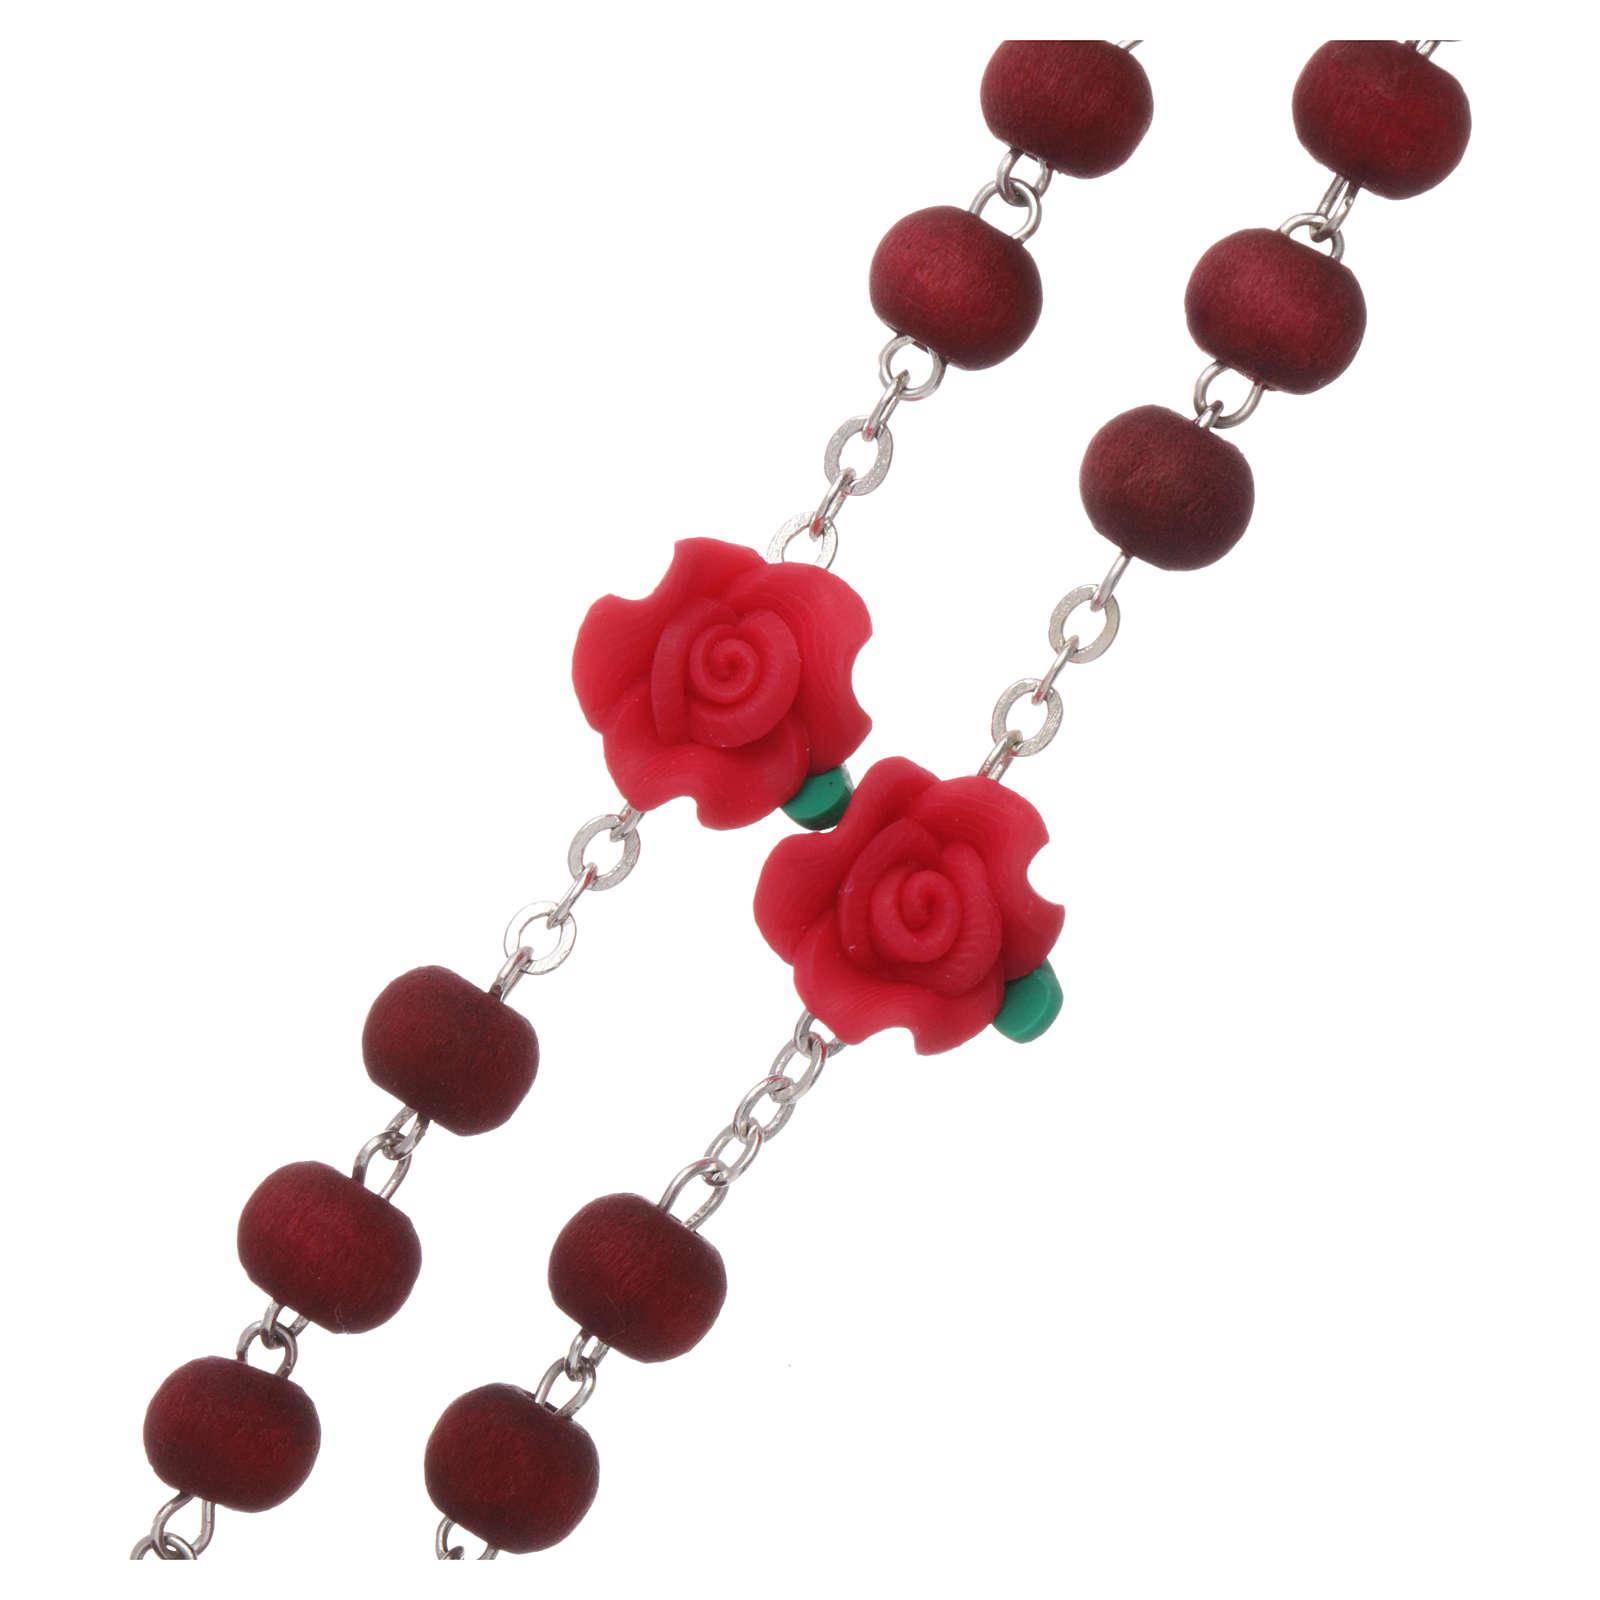 Chapelet bois parfumé grains ronds et en forme de roses 3x5 mm 4